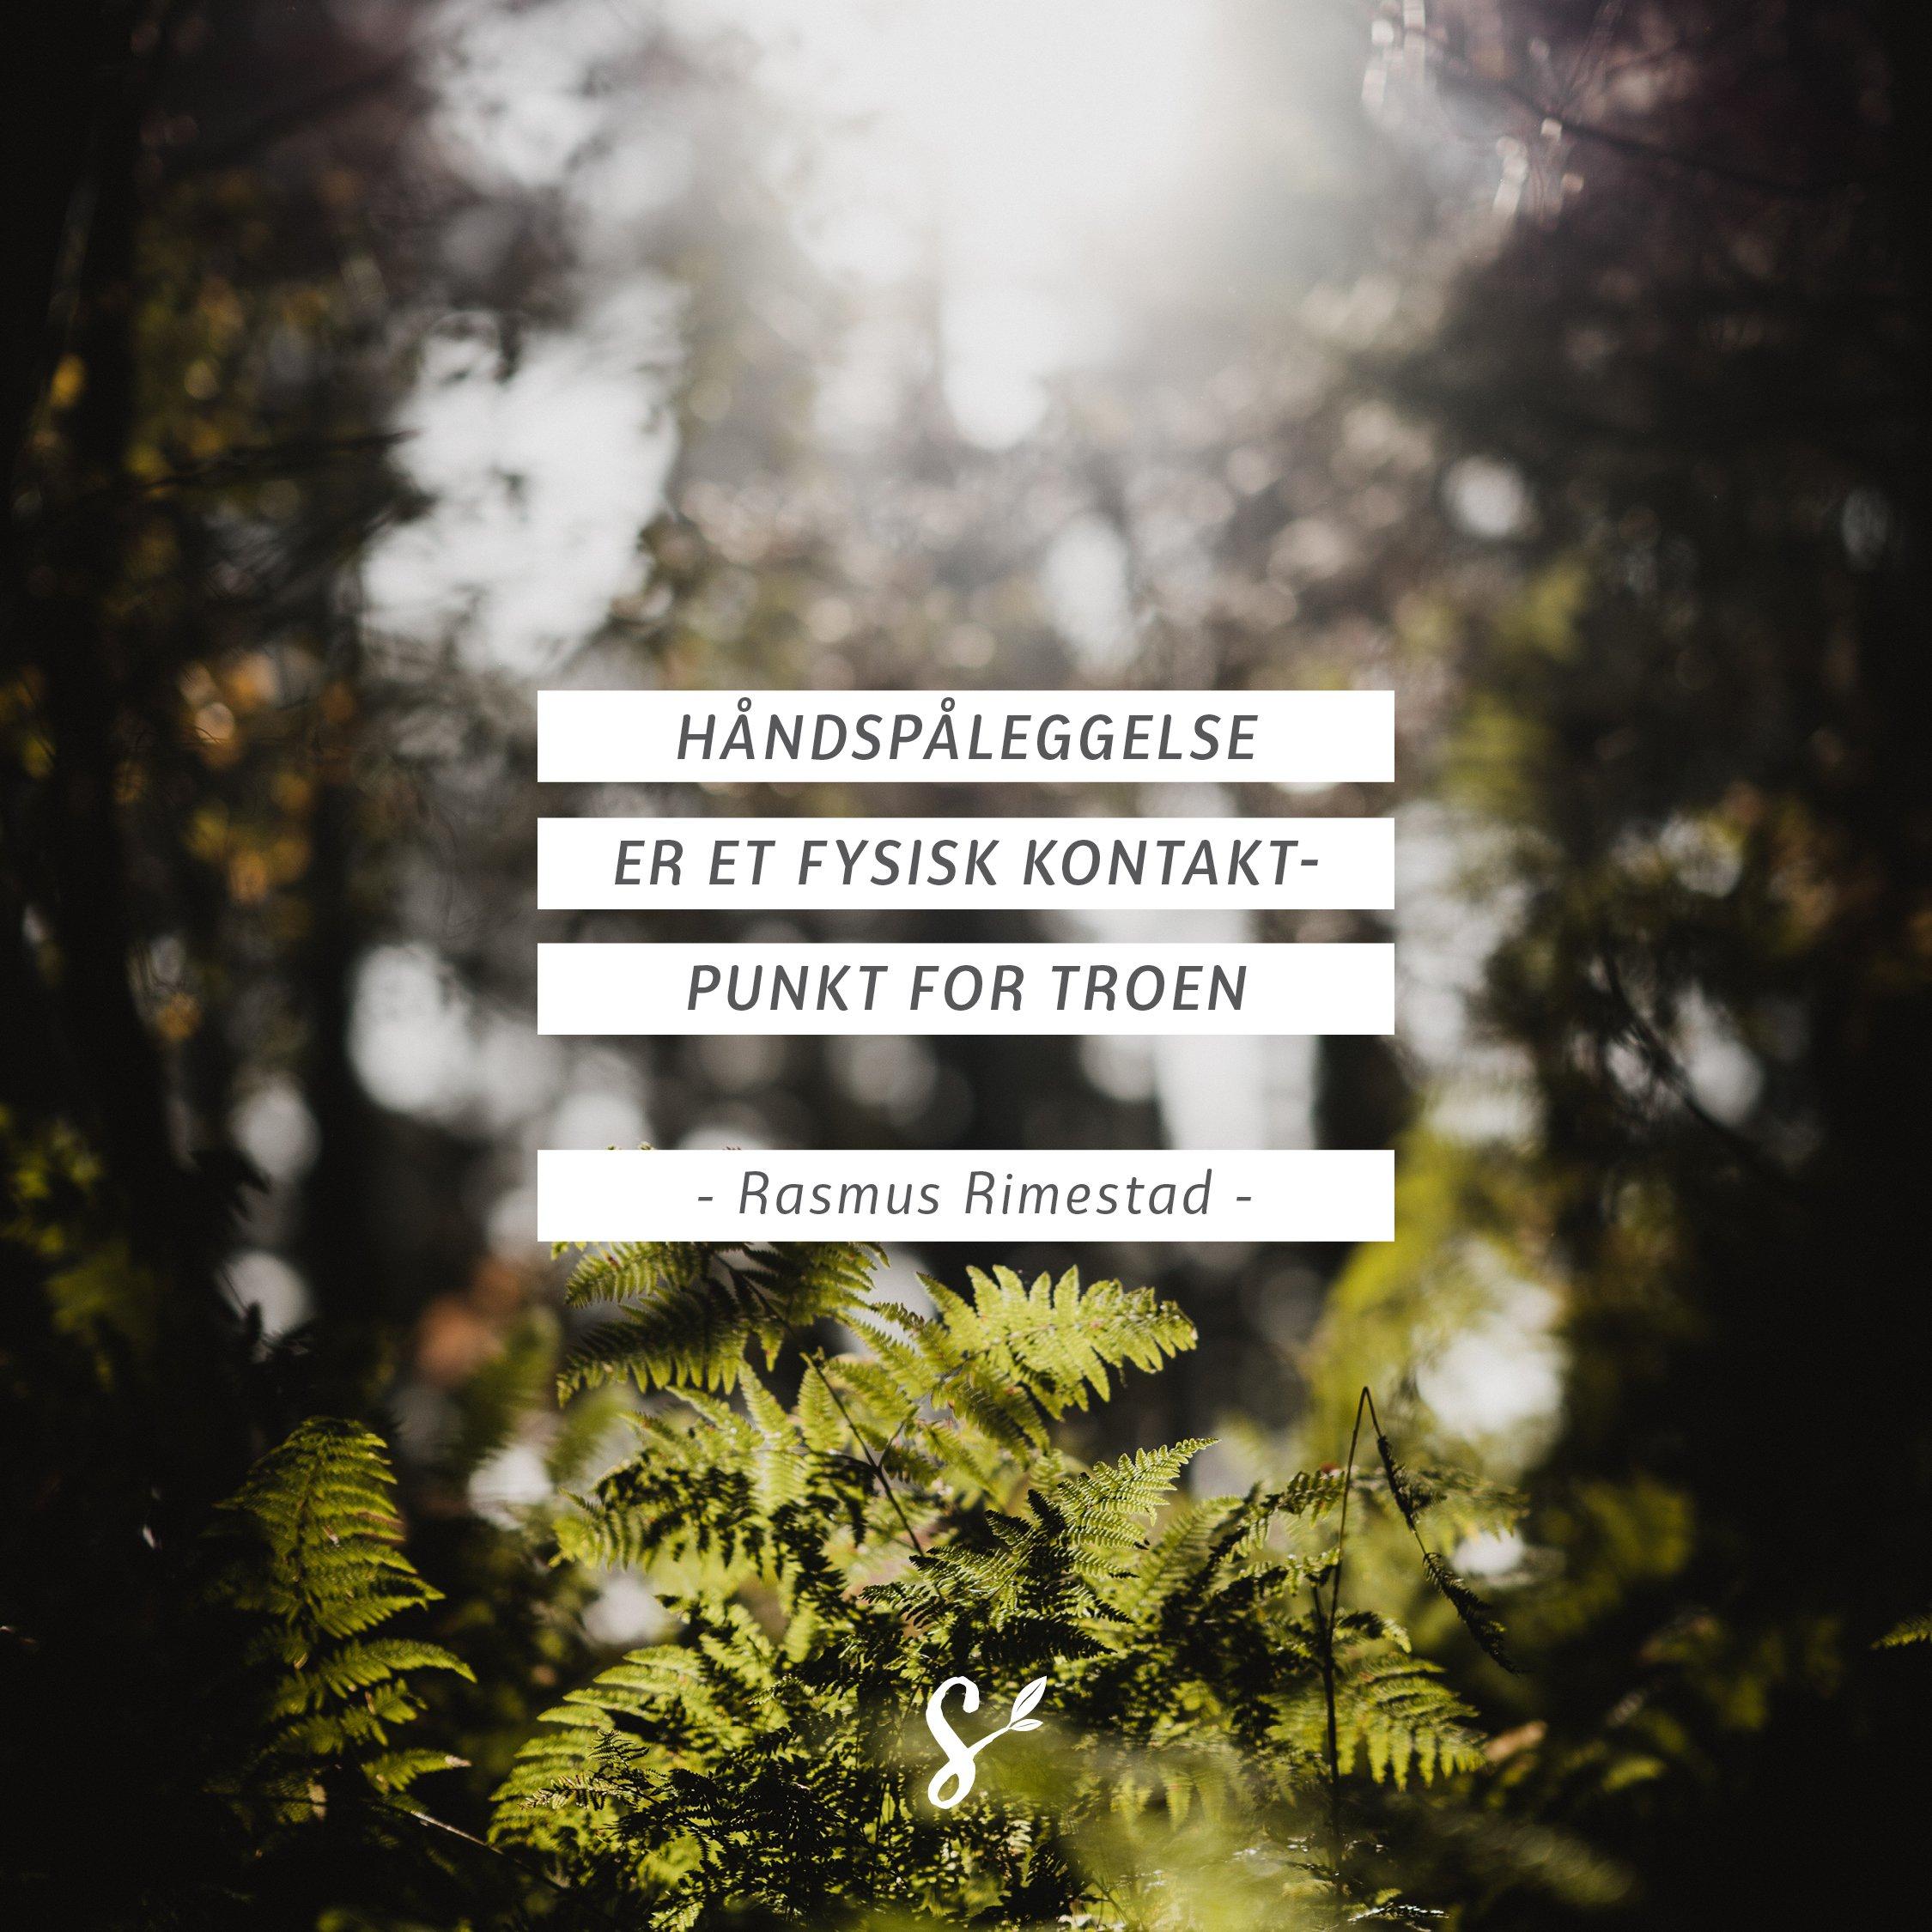 Håndspåleggelsens fire hensikter - sitatbilde